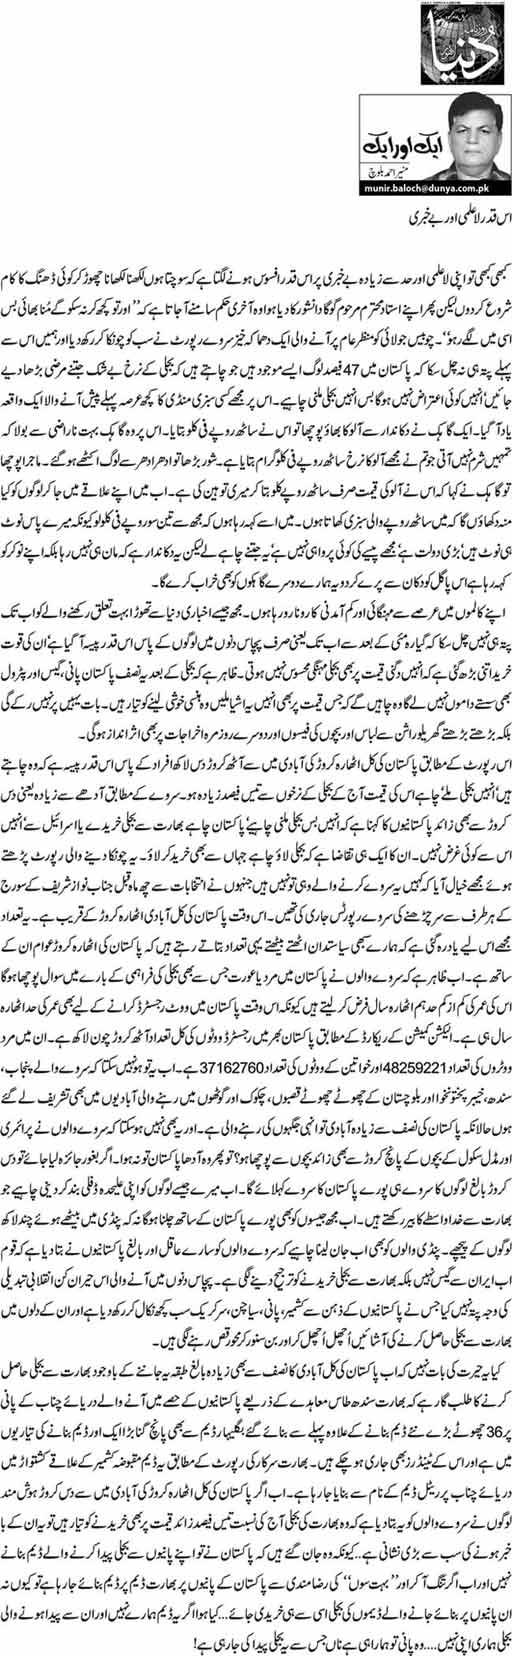 Iss Qadar La Ilmi Aur Bay Khabri - Munir Ahmed Baloch